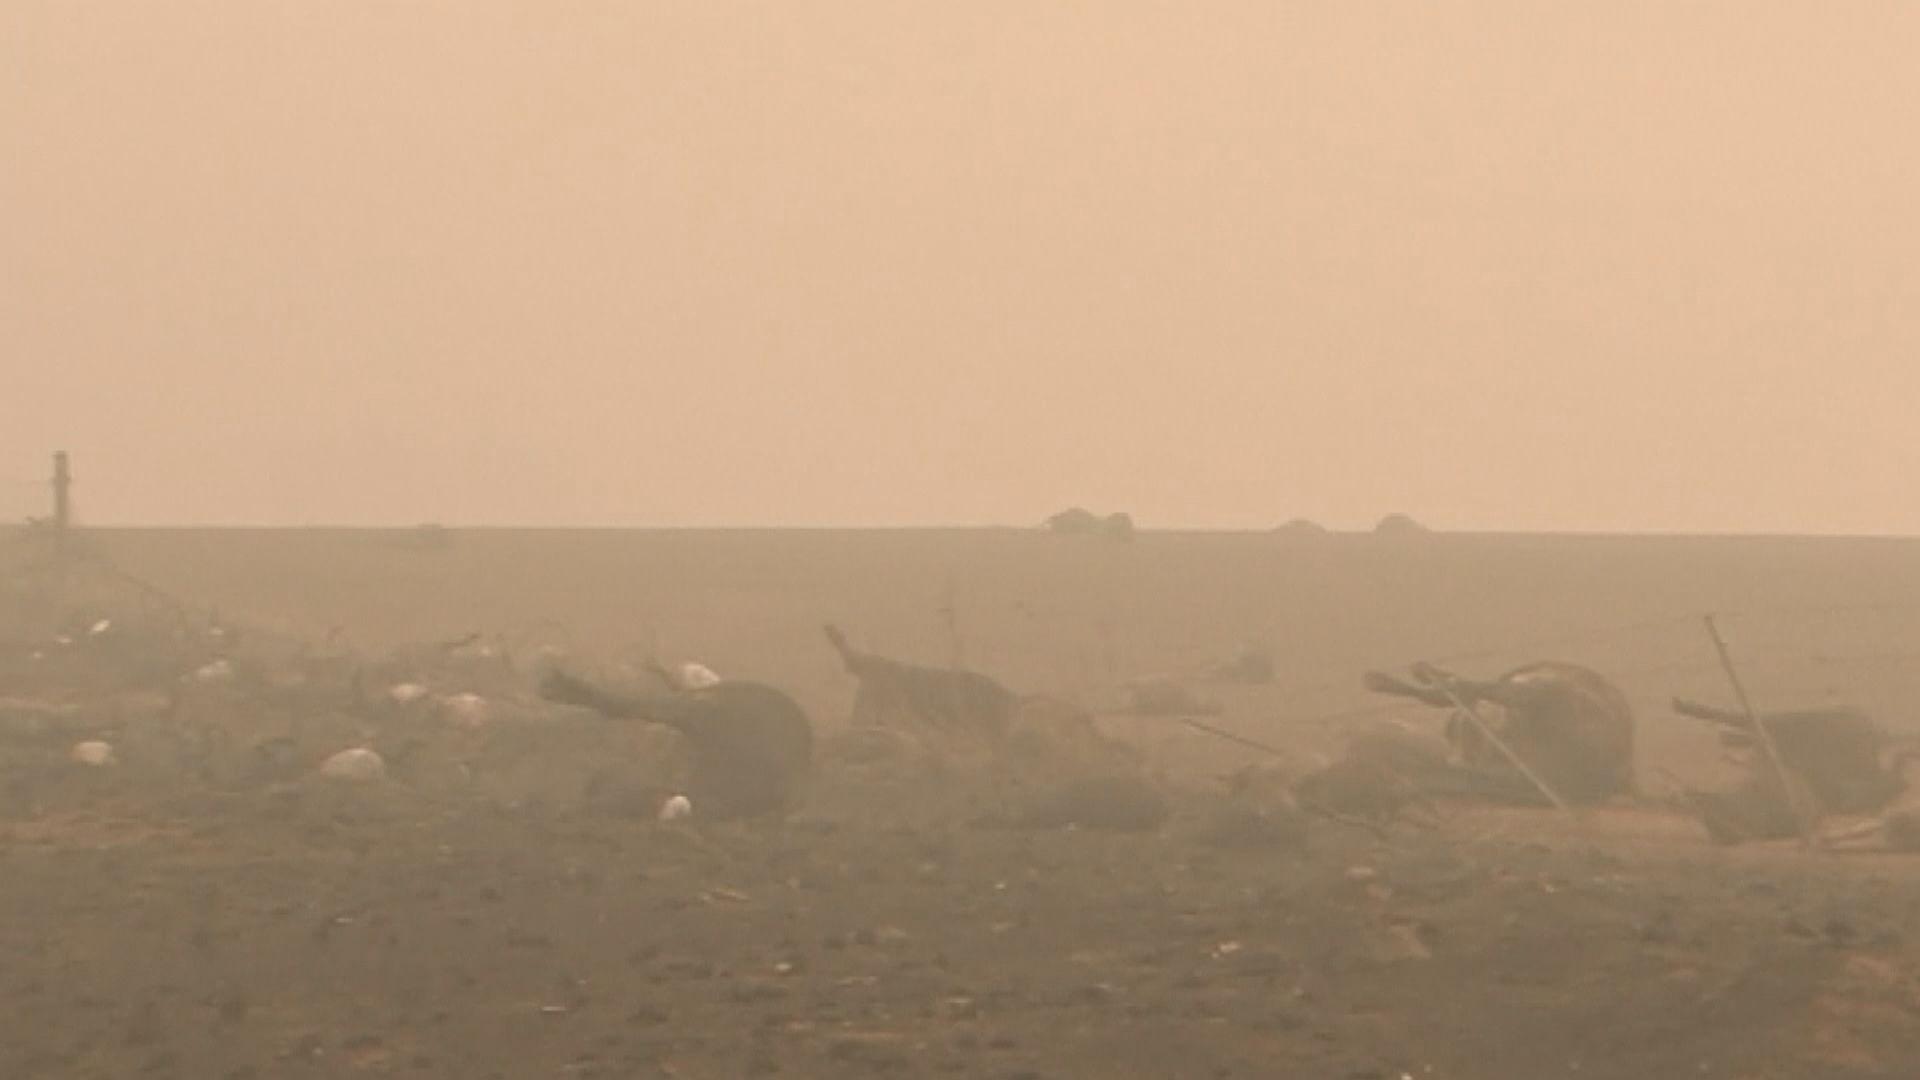 專家估計新南威爾斯州近5億動物被燒死(圖:Now新聞)